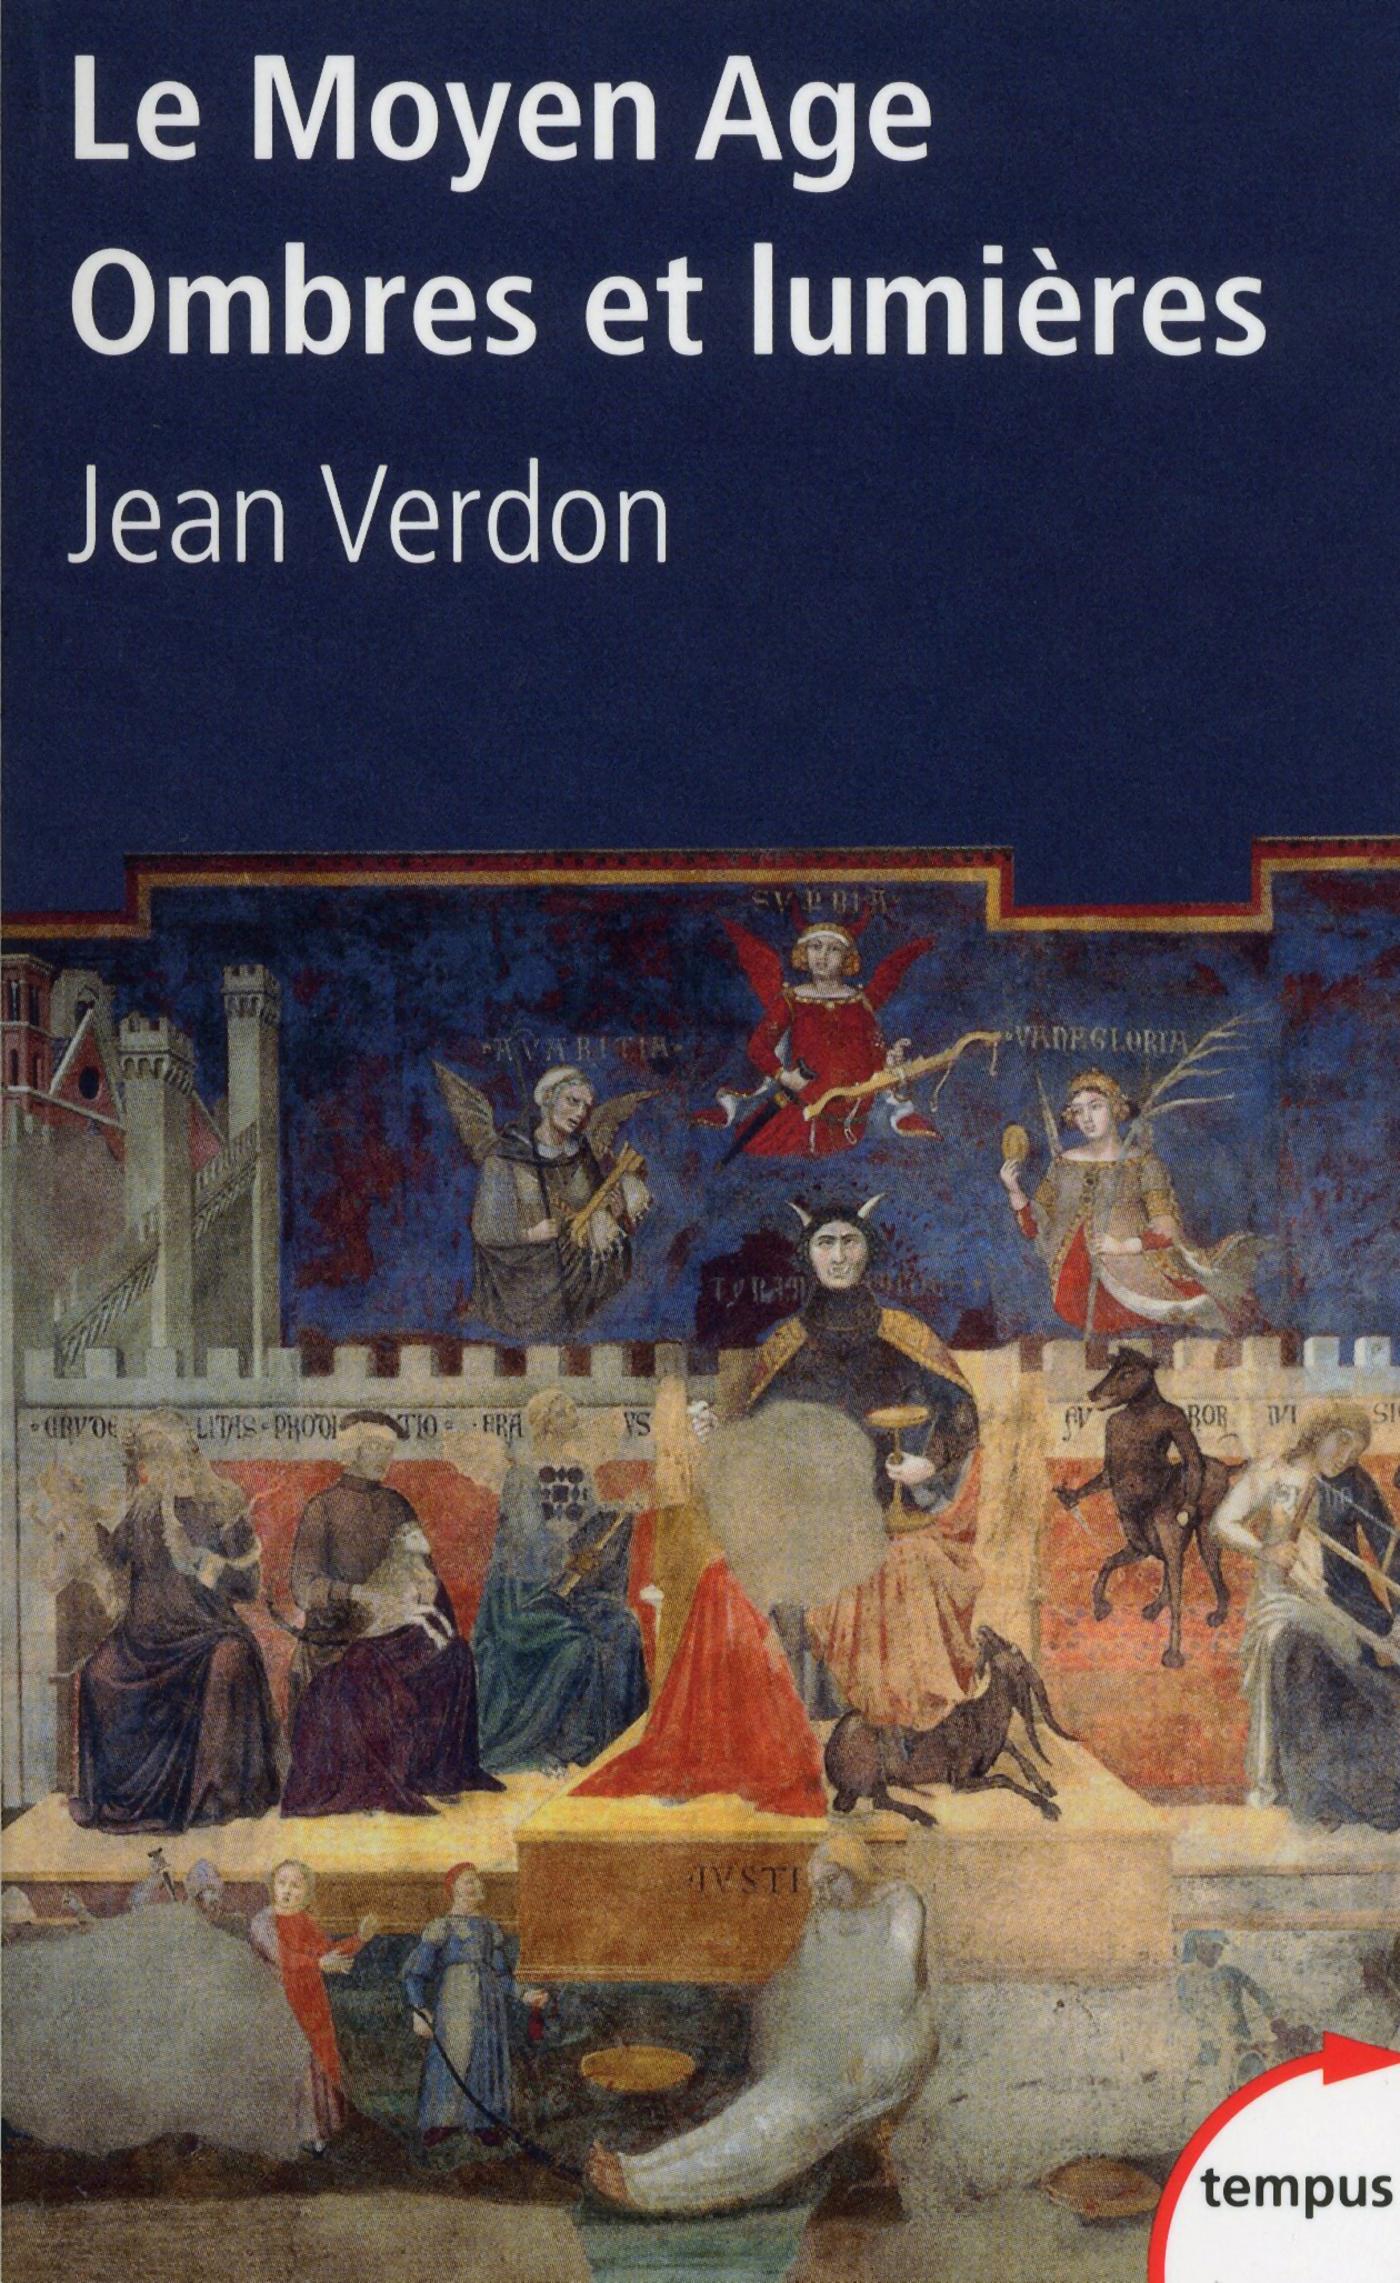 Le Moyen Age, ombres et lumières | VERDON, Jean